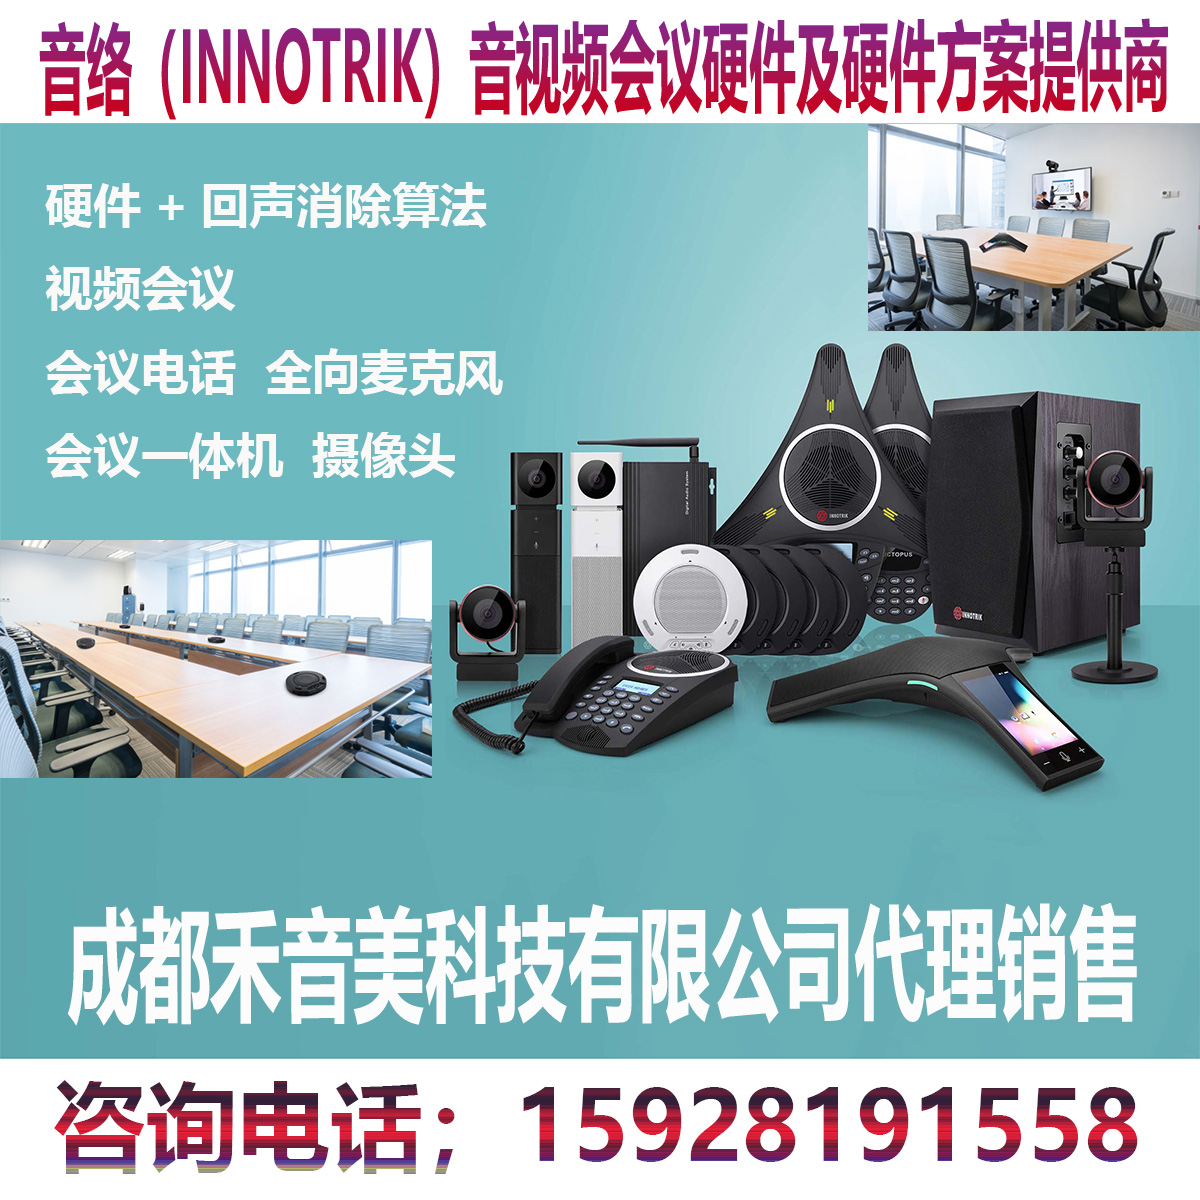 四川成都-音络-INNOTRIK-视频会议全向麦克风-代理销售电话安装.jpg